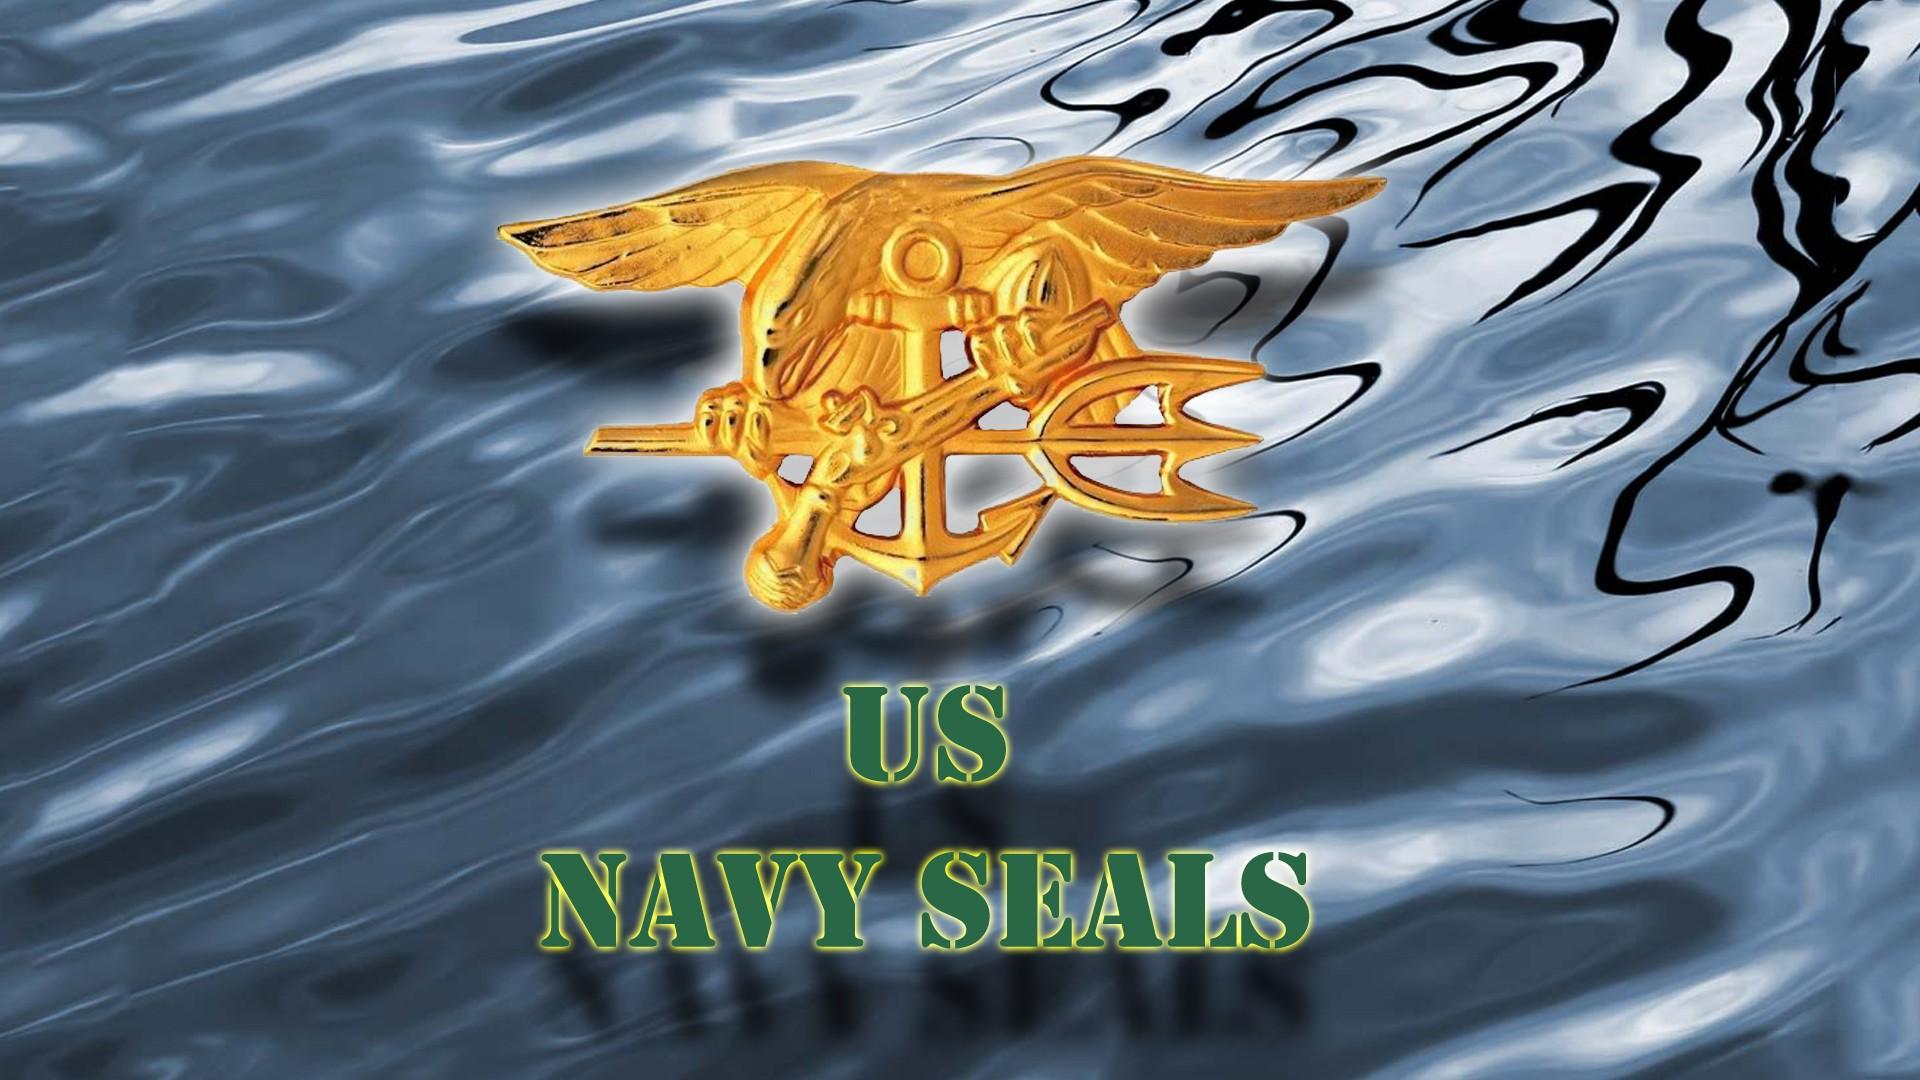 Navy Seals Logo Wallpaper Navy 1920x1080